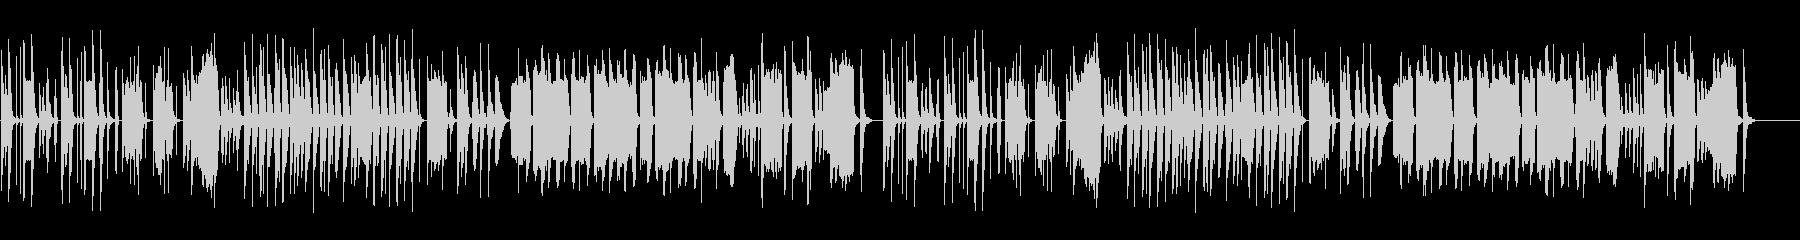 マヌケな脱力系の曲2の未再生の波形